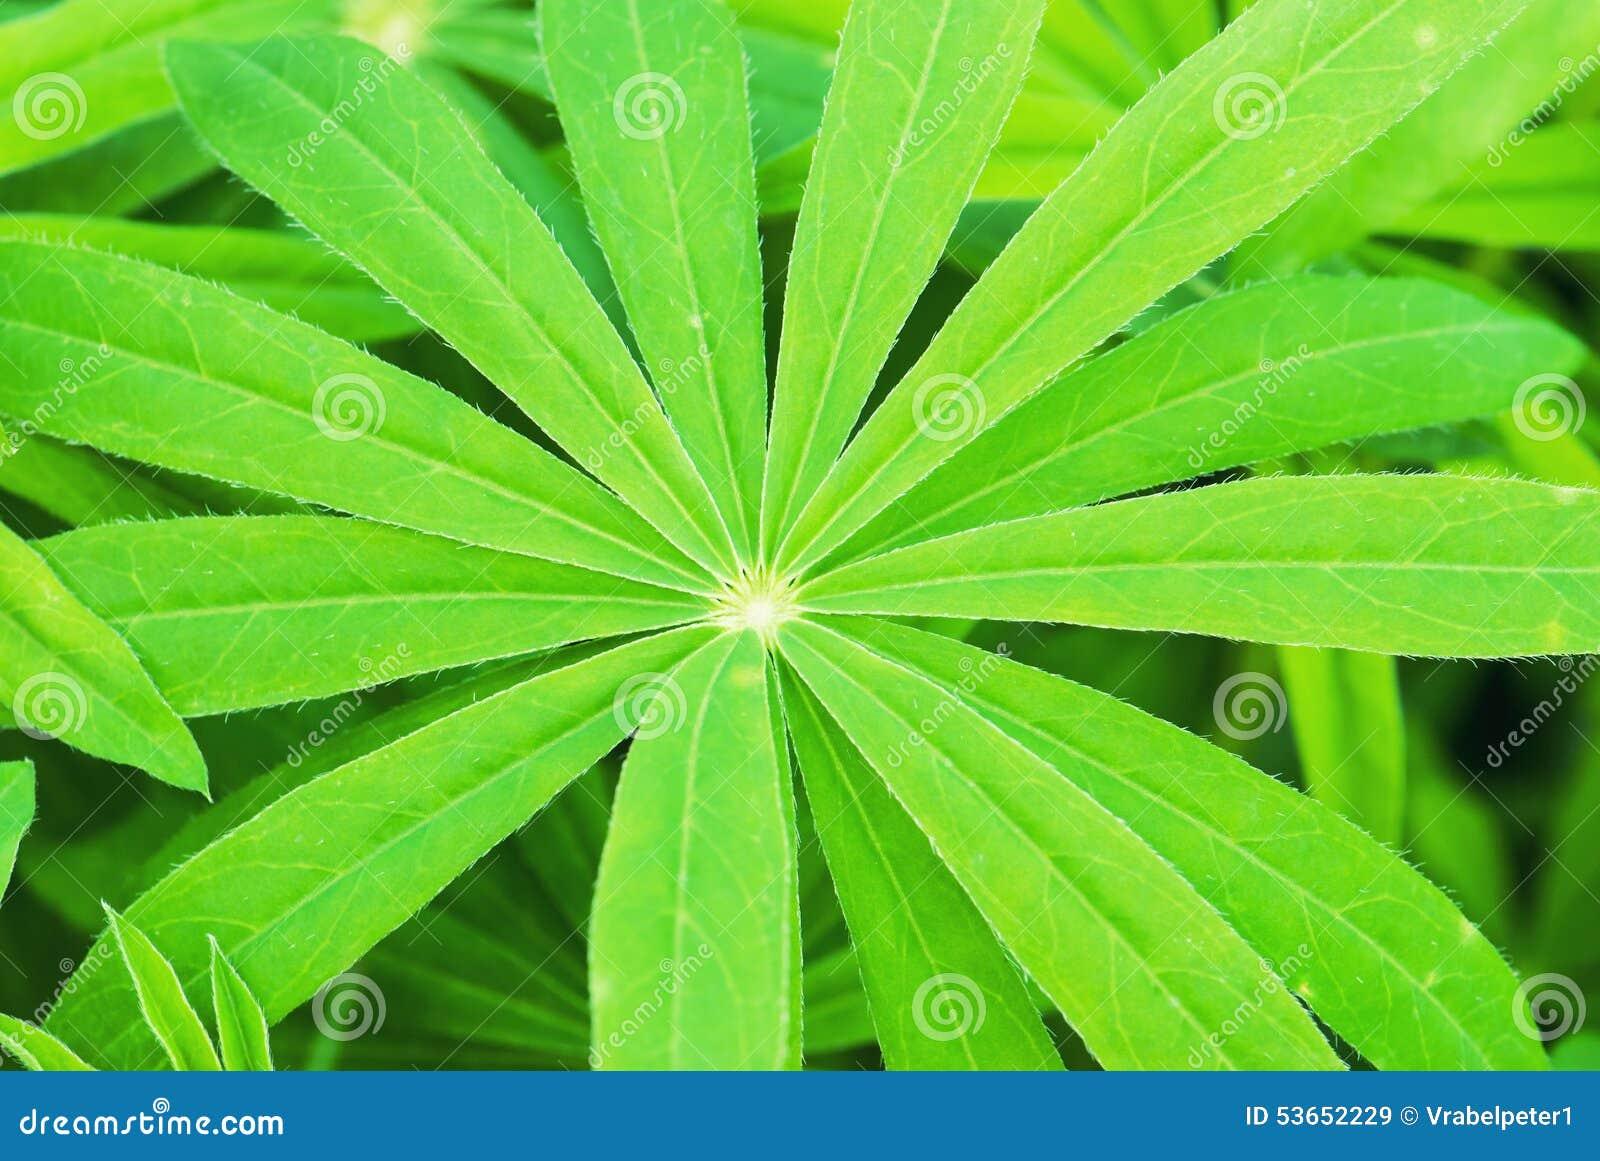 Plante verte tropicale image stock image du arbre frais for Plante verte